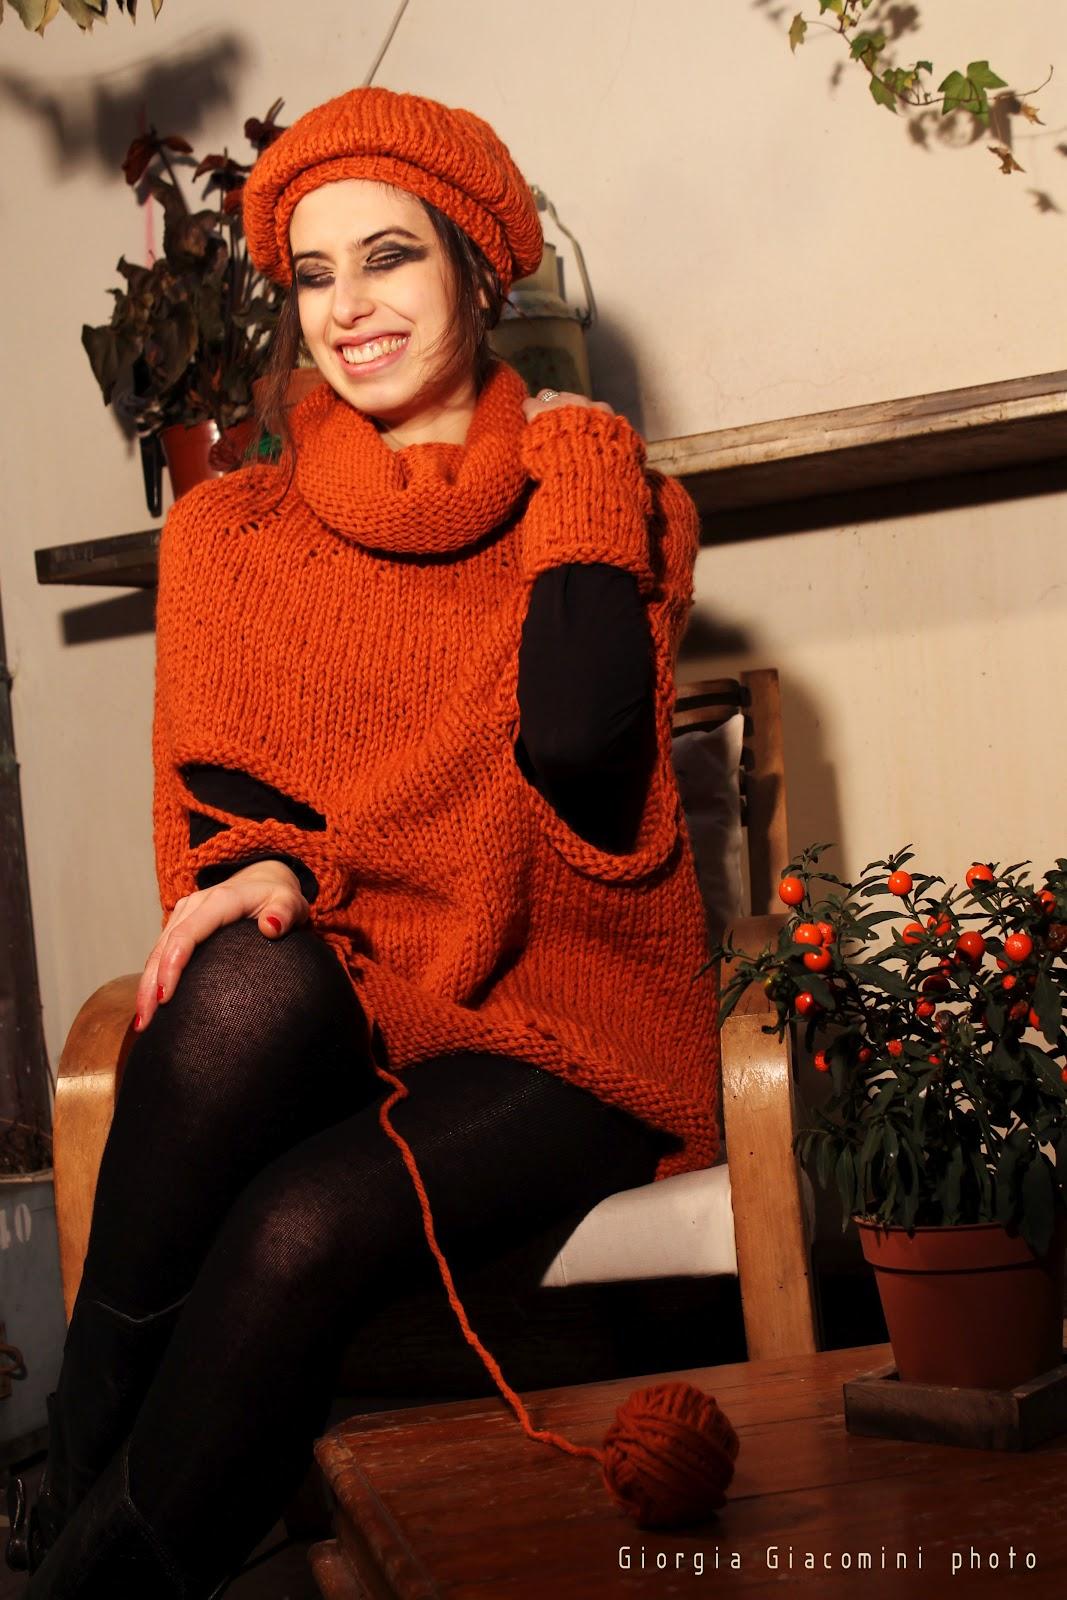 Fashion Box Women s Knitwear A/W 2017/2018 mode. - Pinterest 32